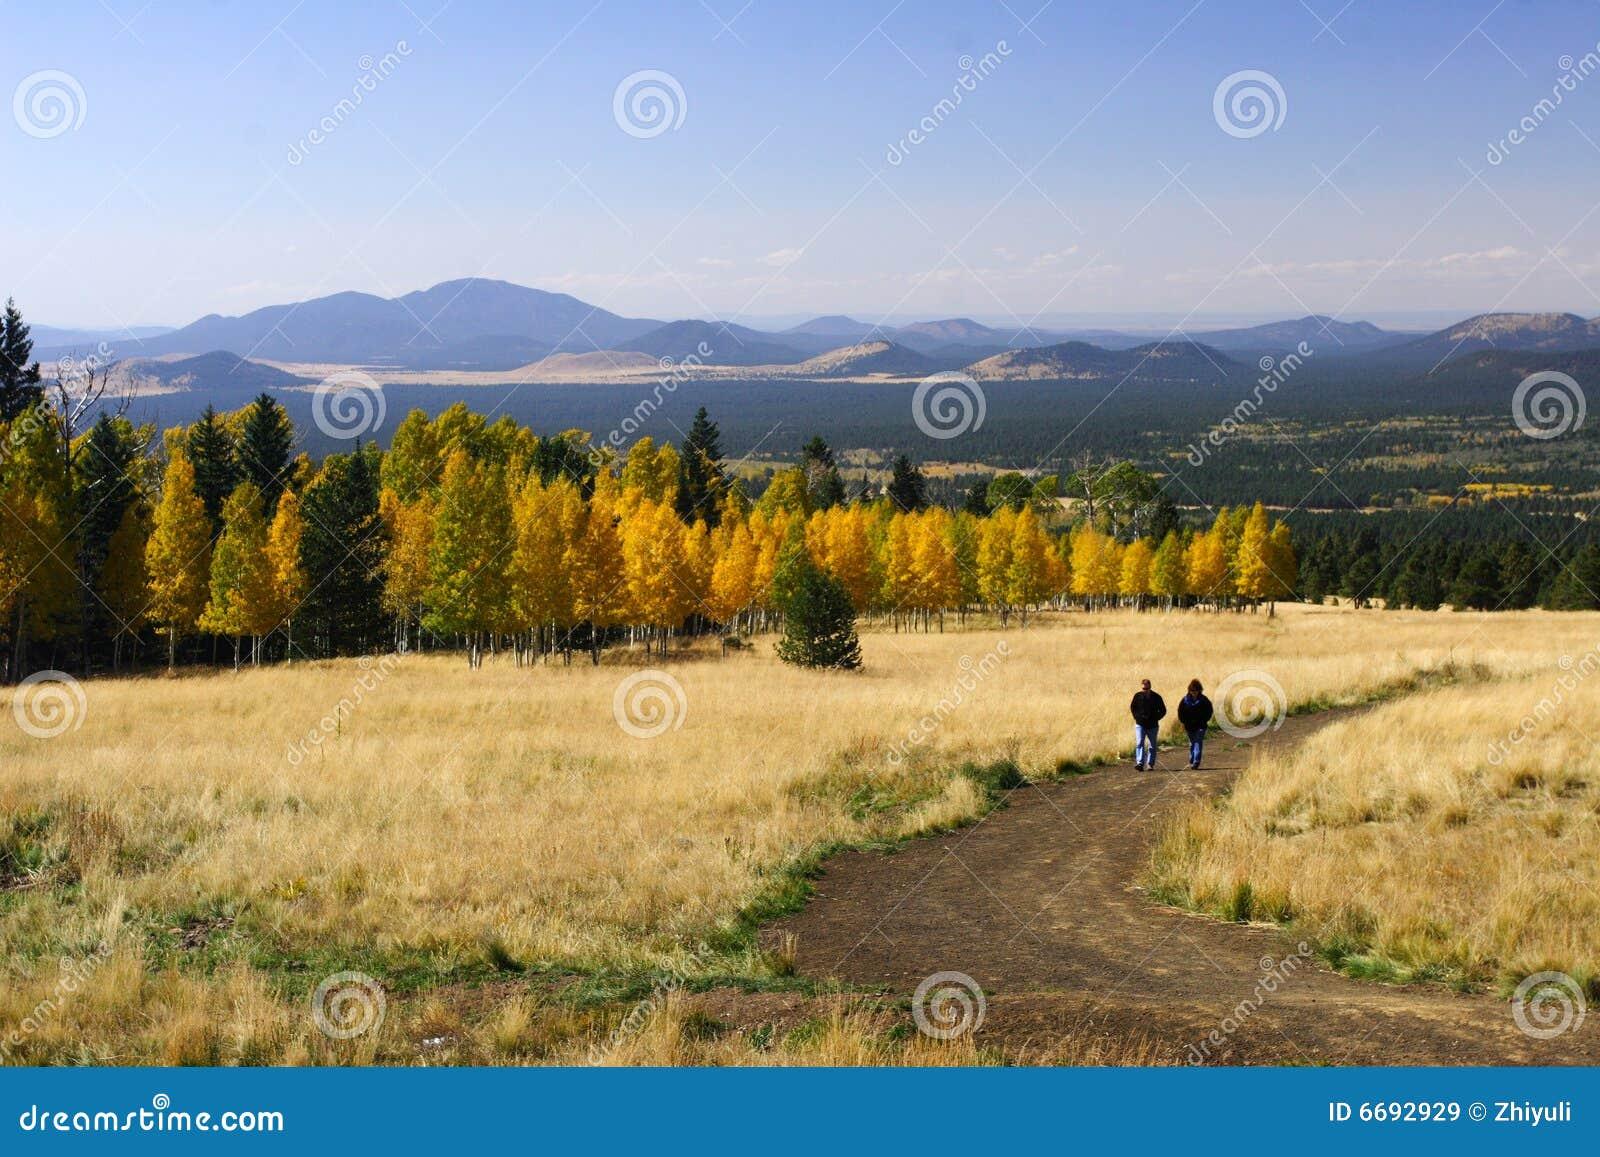 Hiking in fall color Flagstaff Arizona